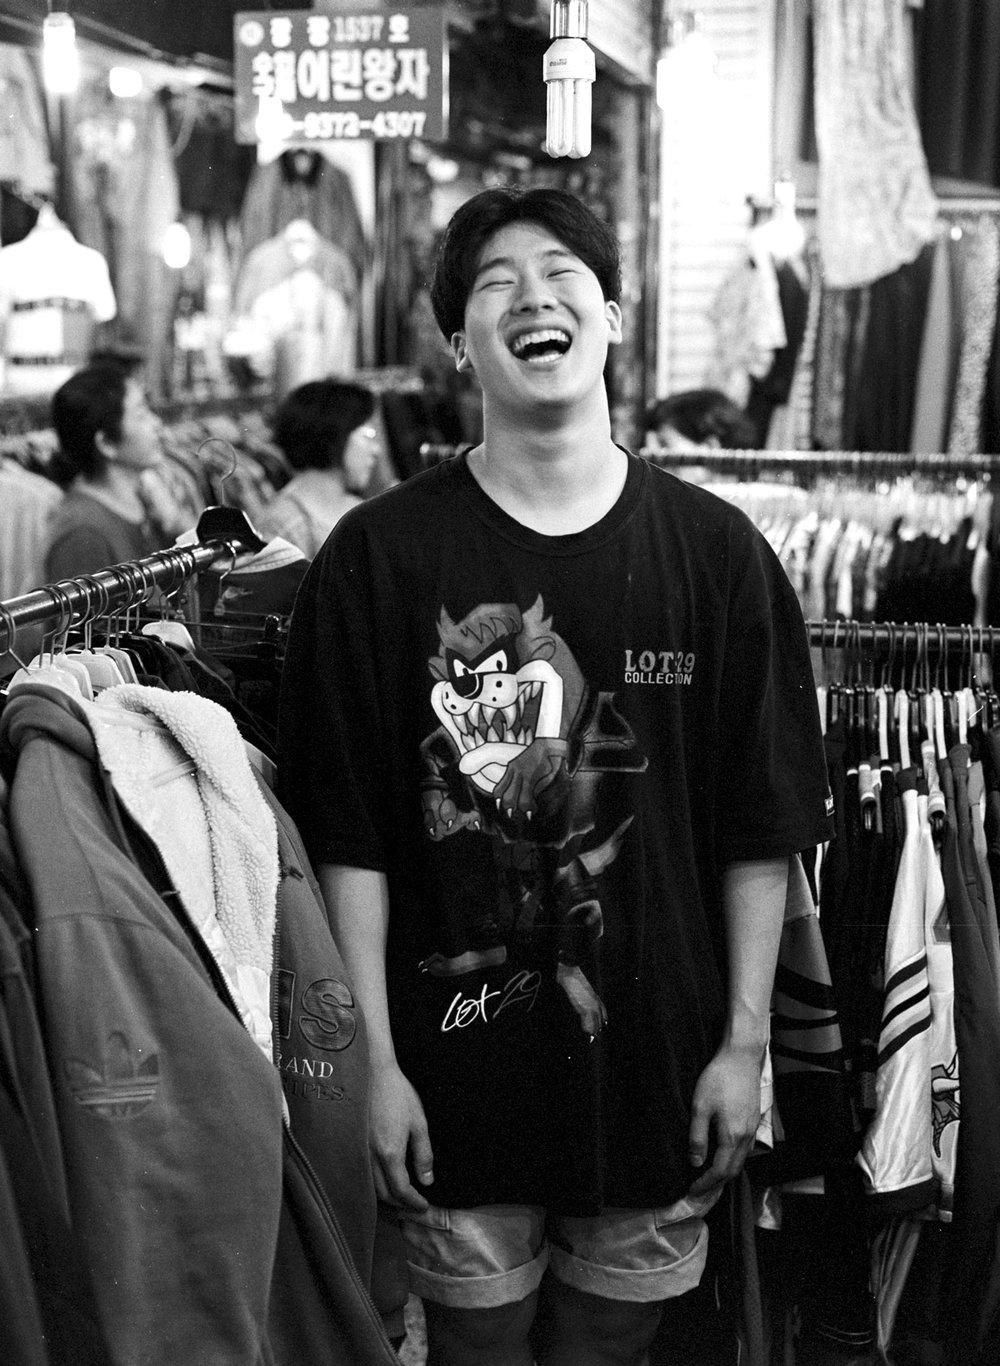 """이예찬 (24) - """"저는 여기 오기전부터 자만한 삶을 살아왔는데, 겸손한 삶을 사는 것이 더 멋있다는 것을 깨달았어요. 겸손하게 살자는 것이 제 교훈입니다.""""  Ye-chan Lee (24) - """"I had been proud until I ended up here, I realized it is better in life to be humble. My life lesson is to live a humble life."""""""